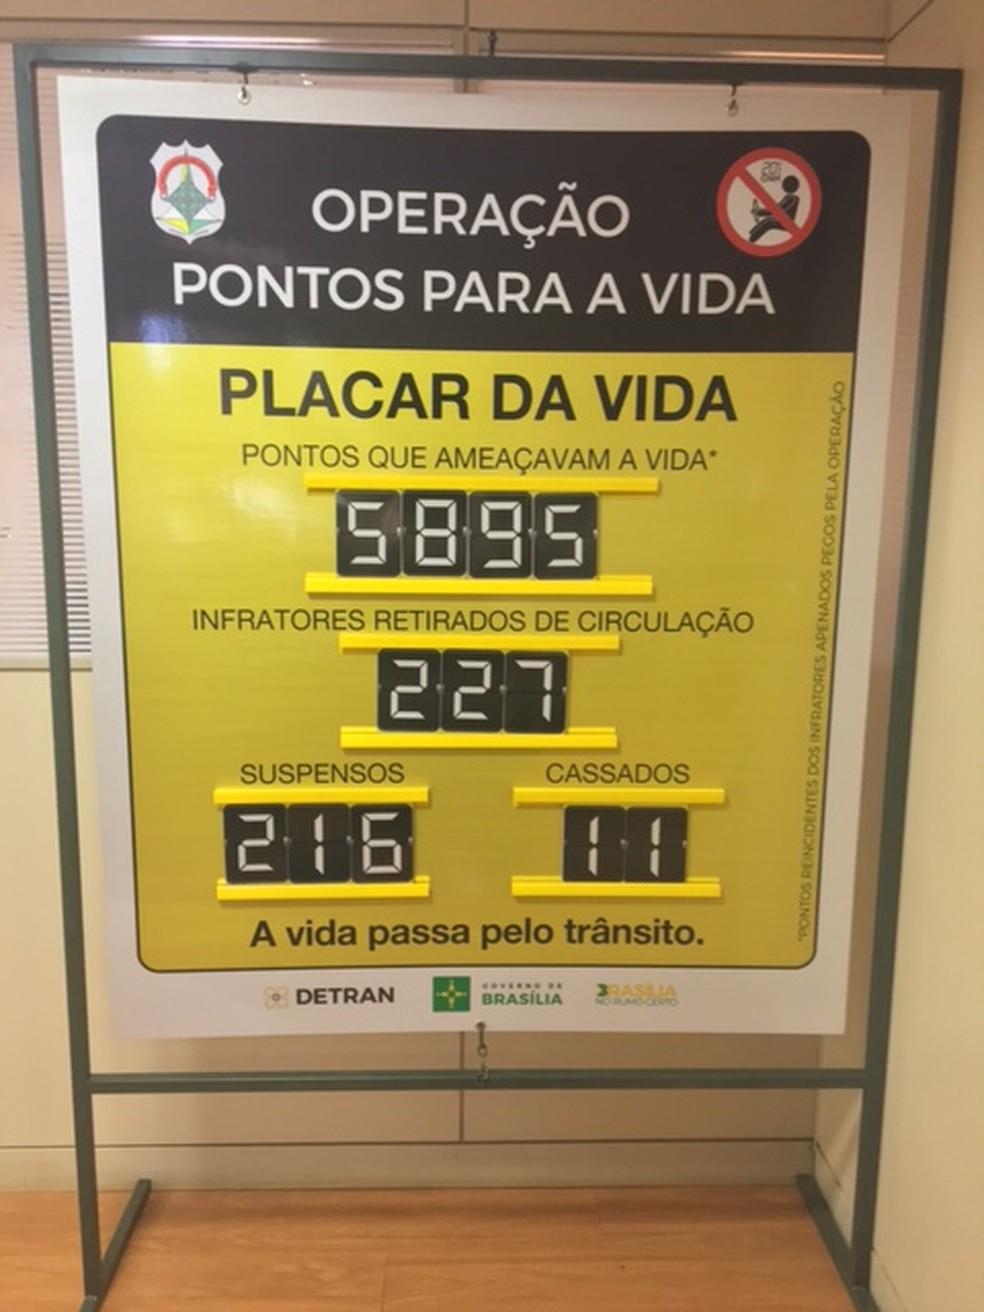 Placar Pontos para Vida  contabiliza infratores retirados de circulação no Distrito federal (Foto: Detran-DF/Divulgação)